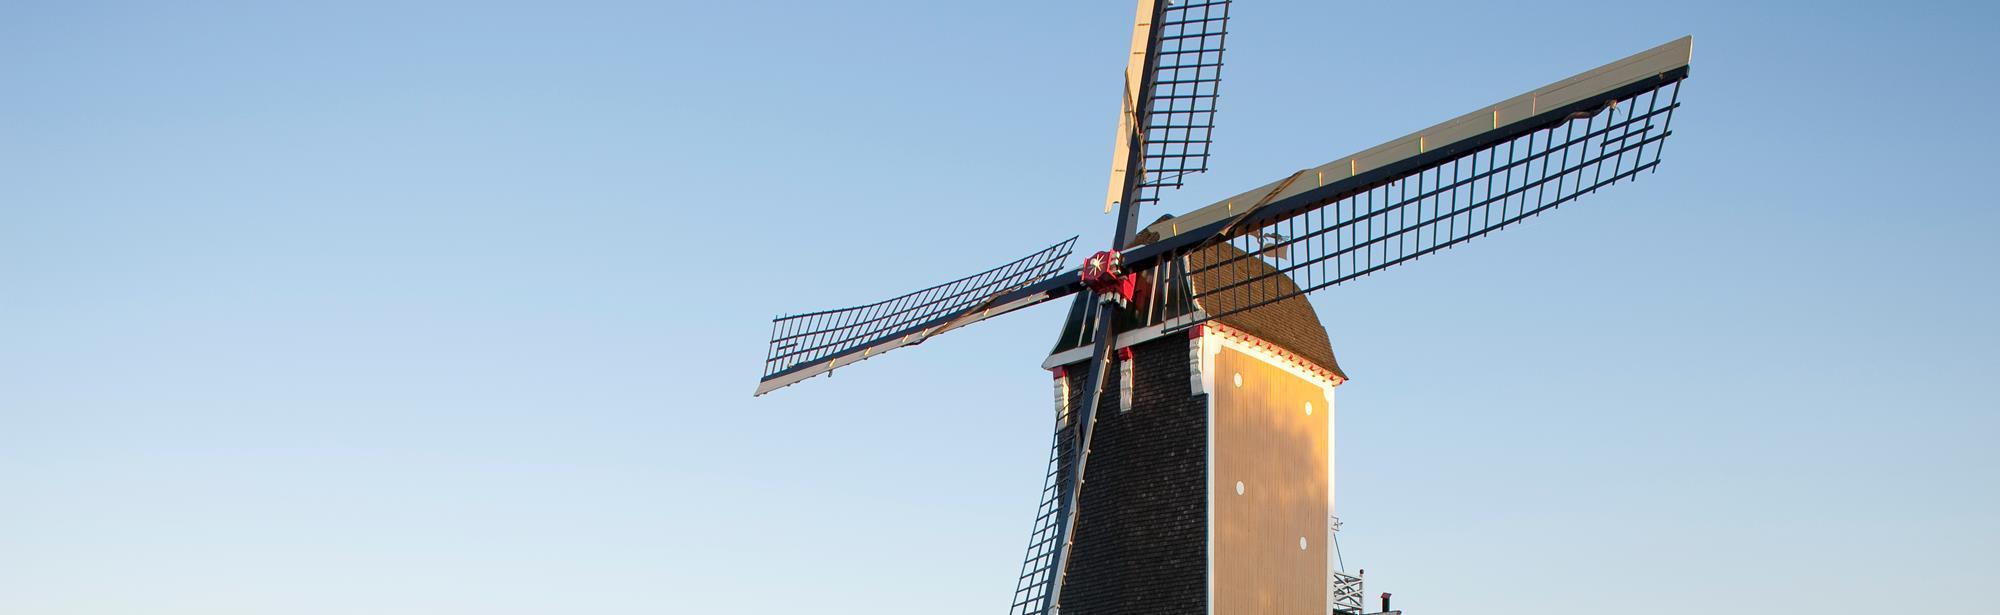 Wandelroute GE05 - Beek - Ommetje Genhout